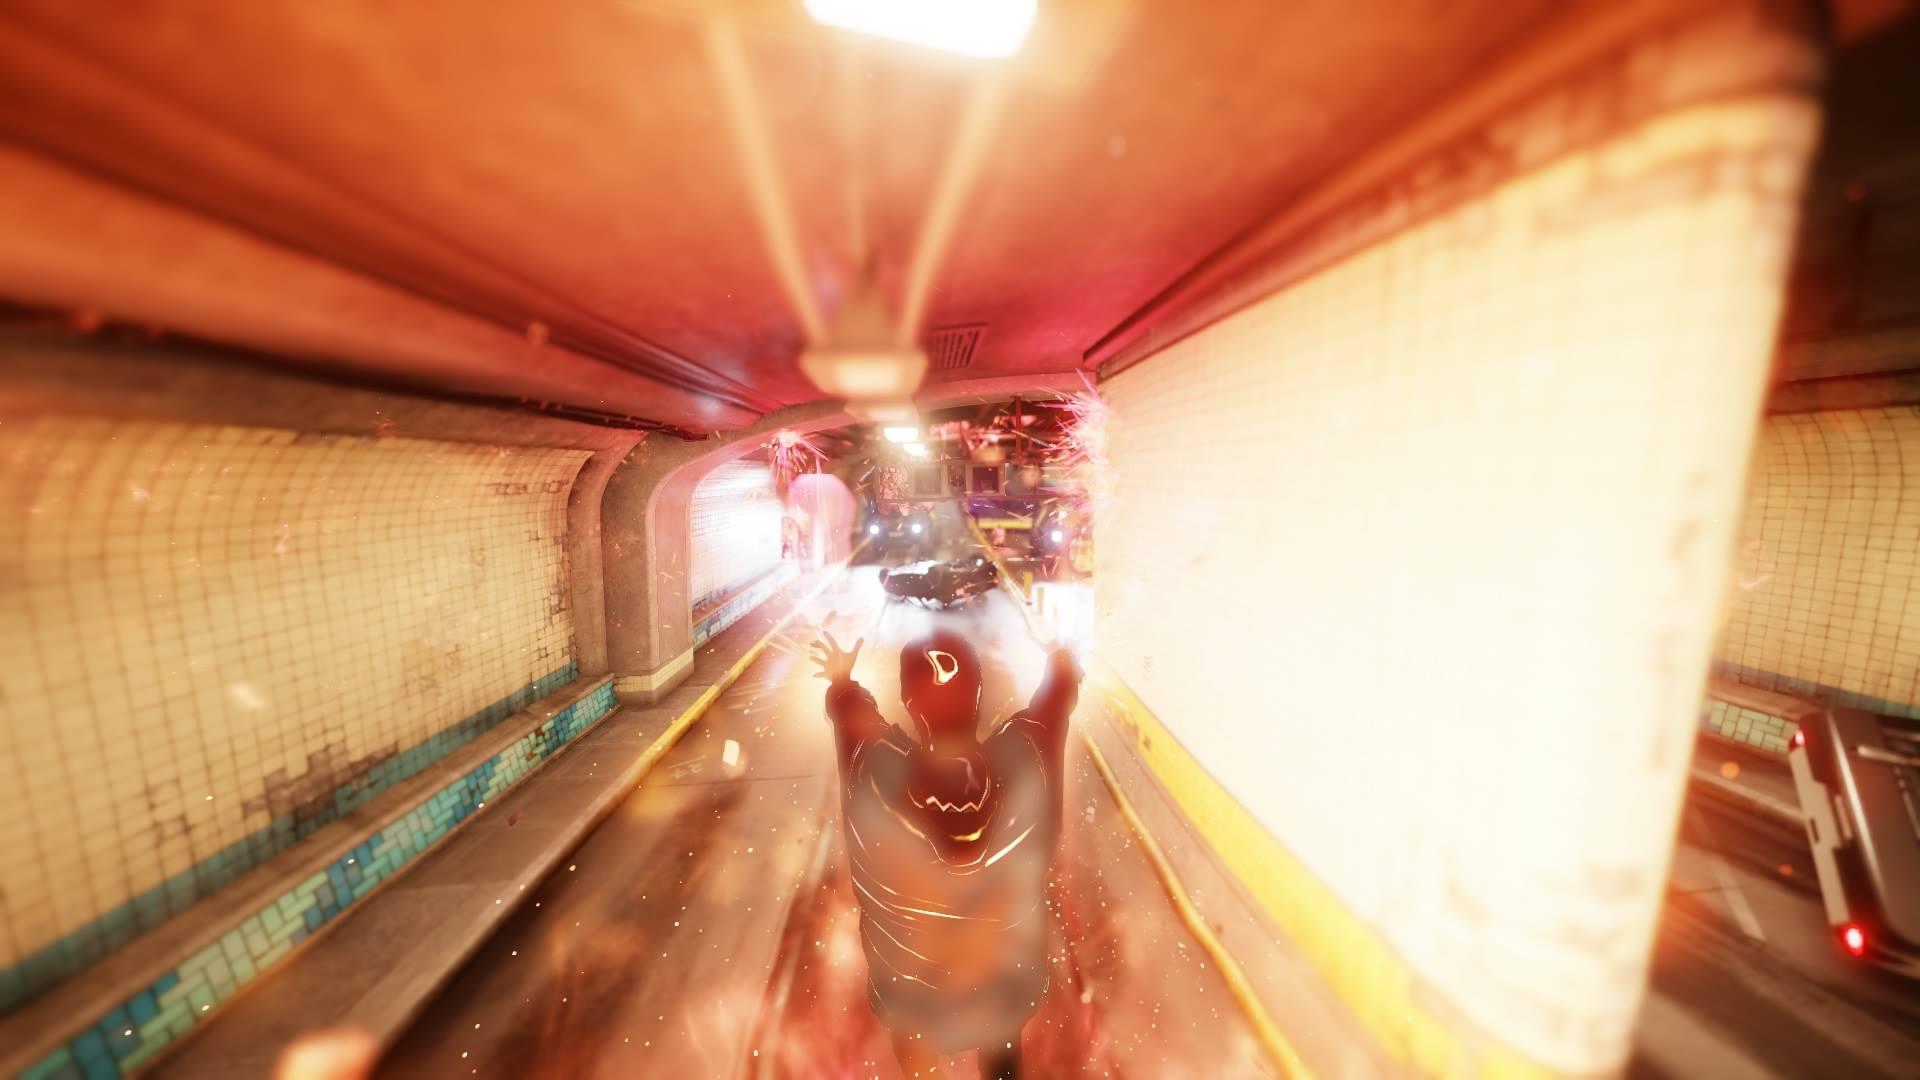 [PS4] Консольный Гейминг с Сарказмо – Infamous: Second Son. - Изображение 1